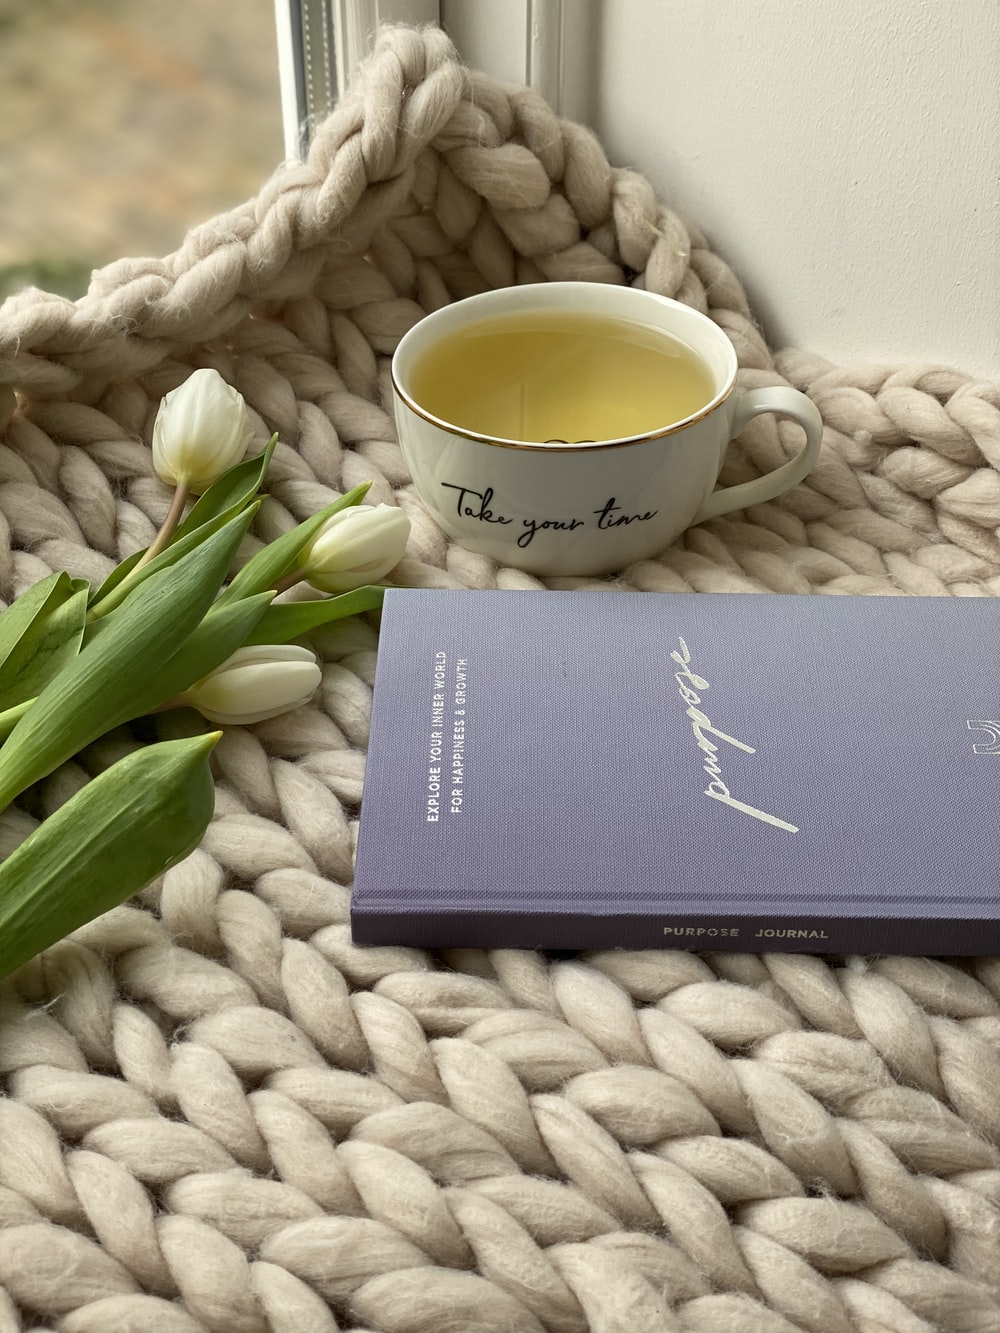 black book beside white ceramic mug on white knit textile